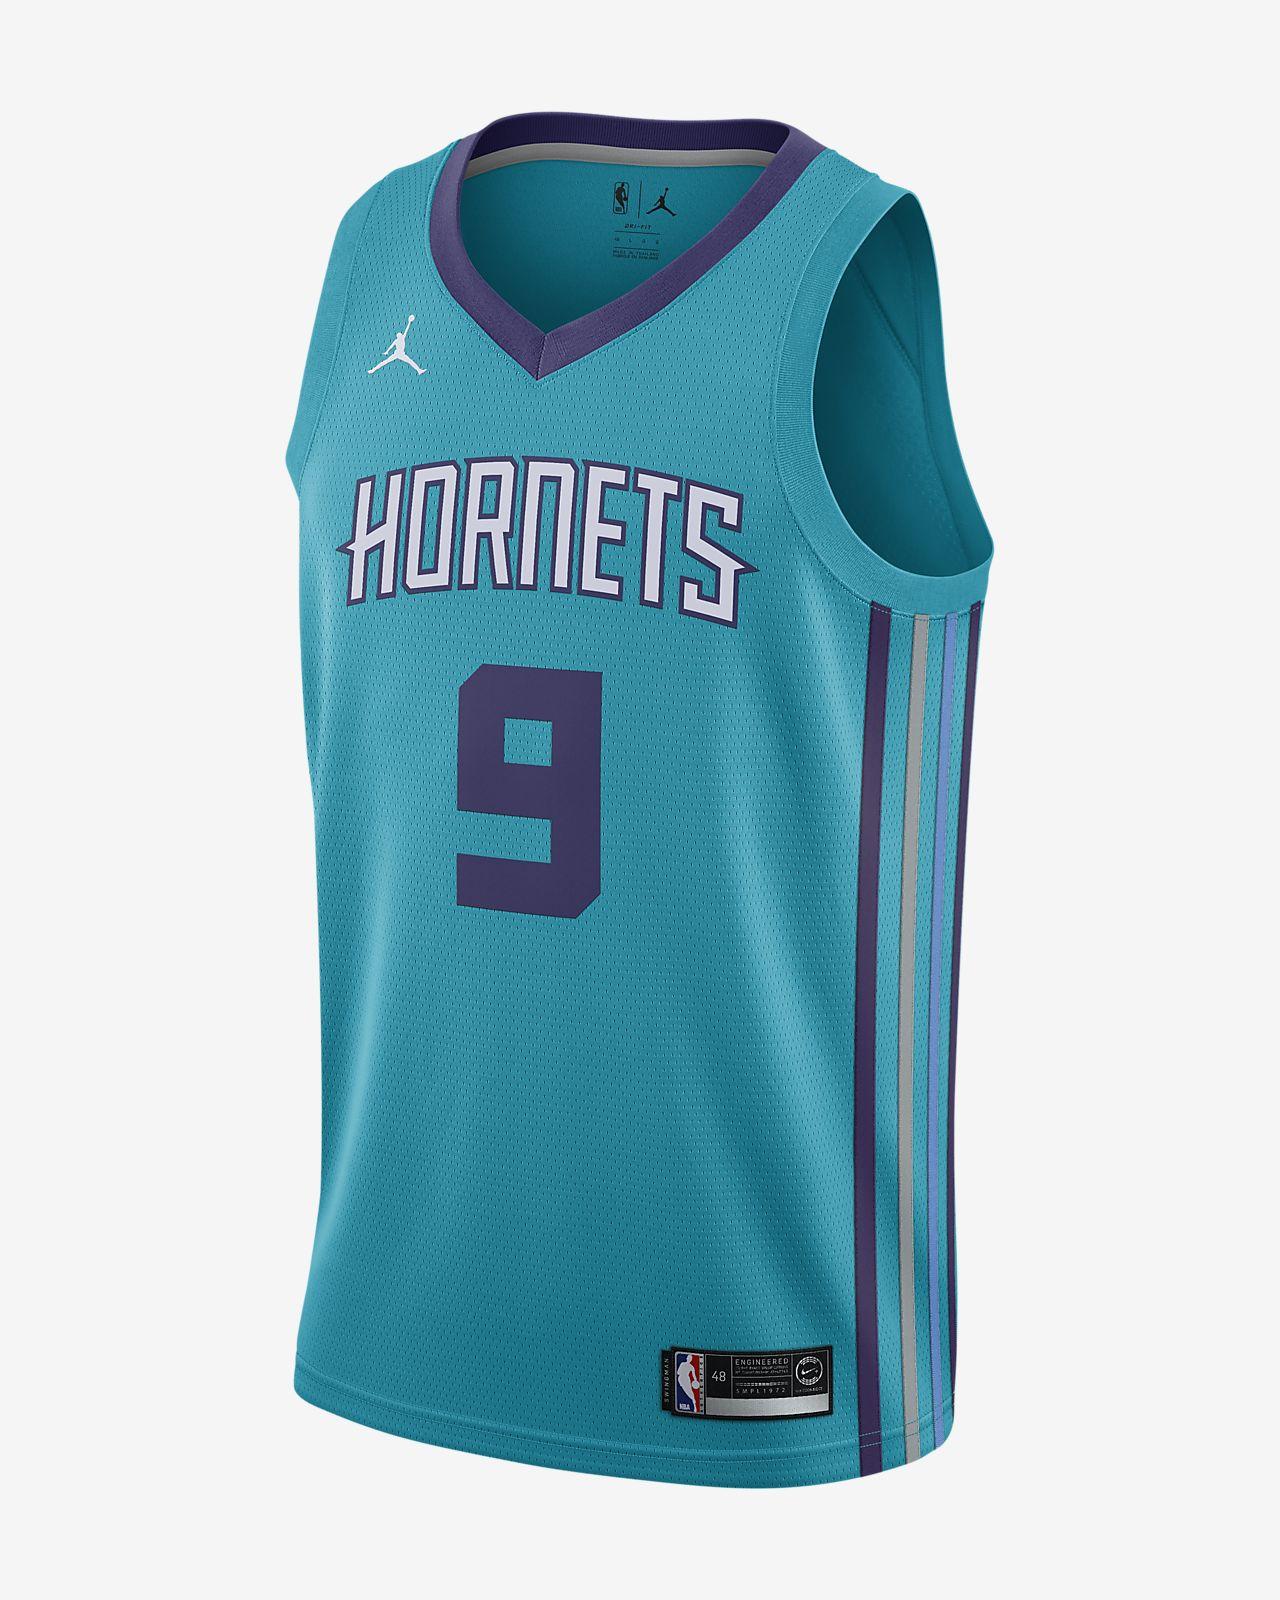 Maillot connecté Jordan NBA Icon Edition Swingman (Charlotte Hornets) pour Homme